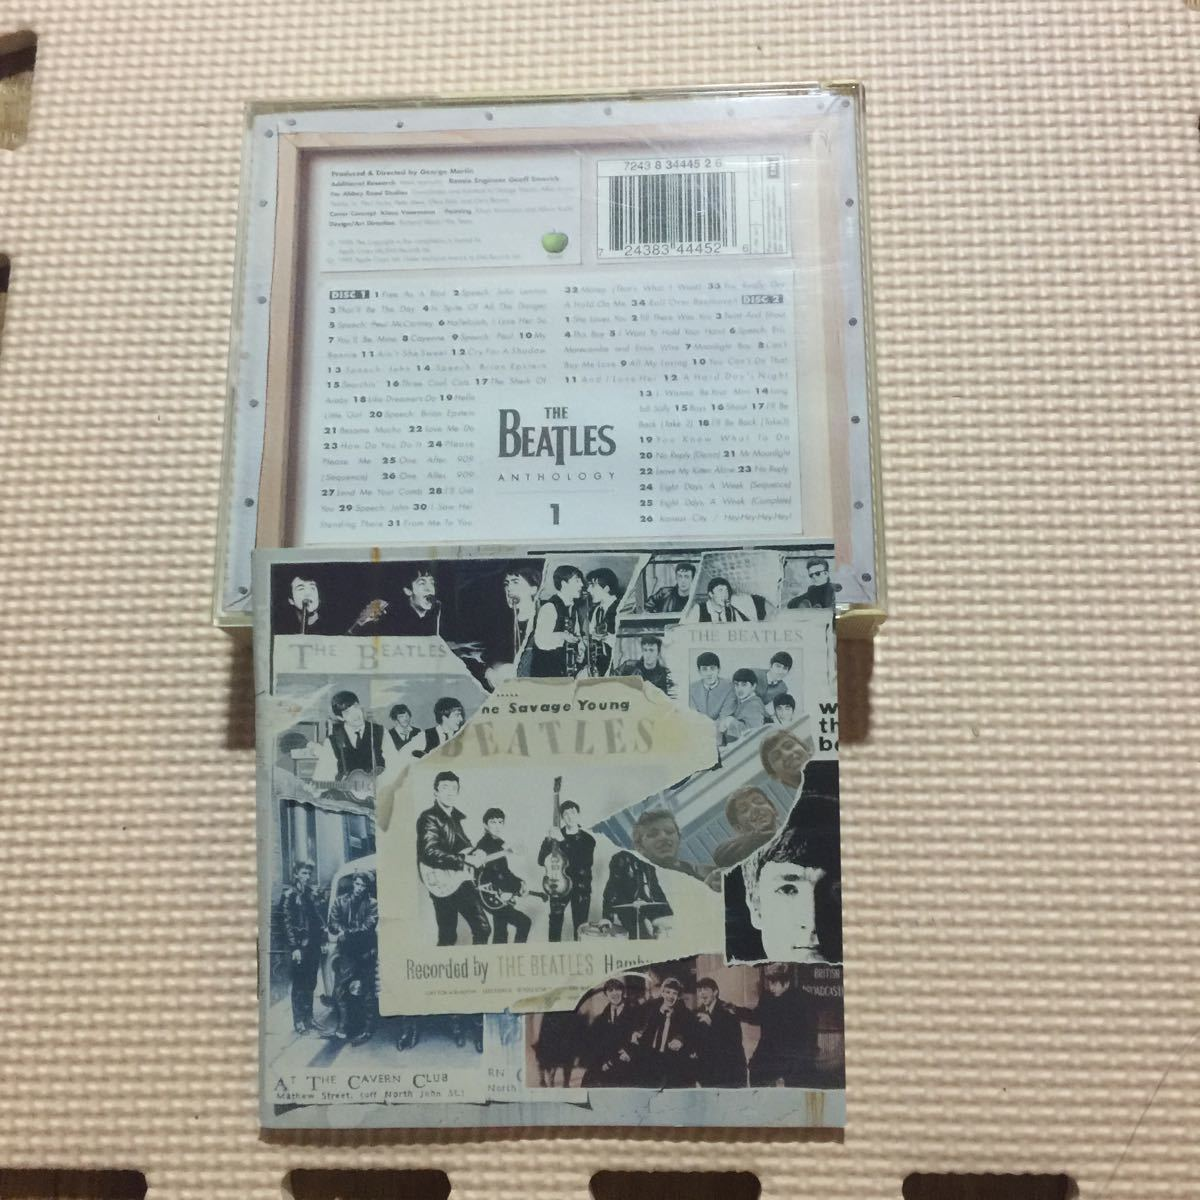 ザ・ビートルズ アンソロジー1 (The Beatles Anthology 1) EU盤2枚組CD_画像2